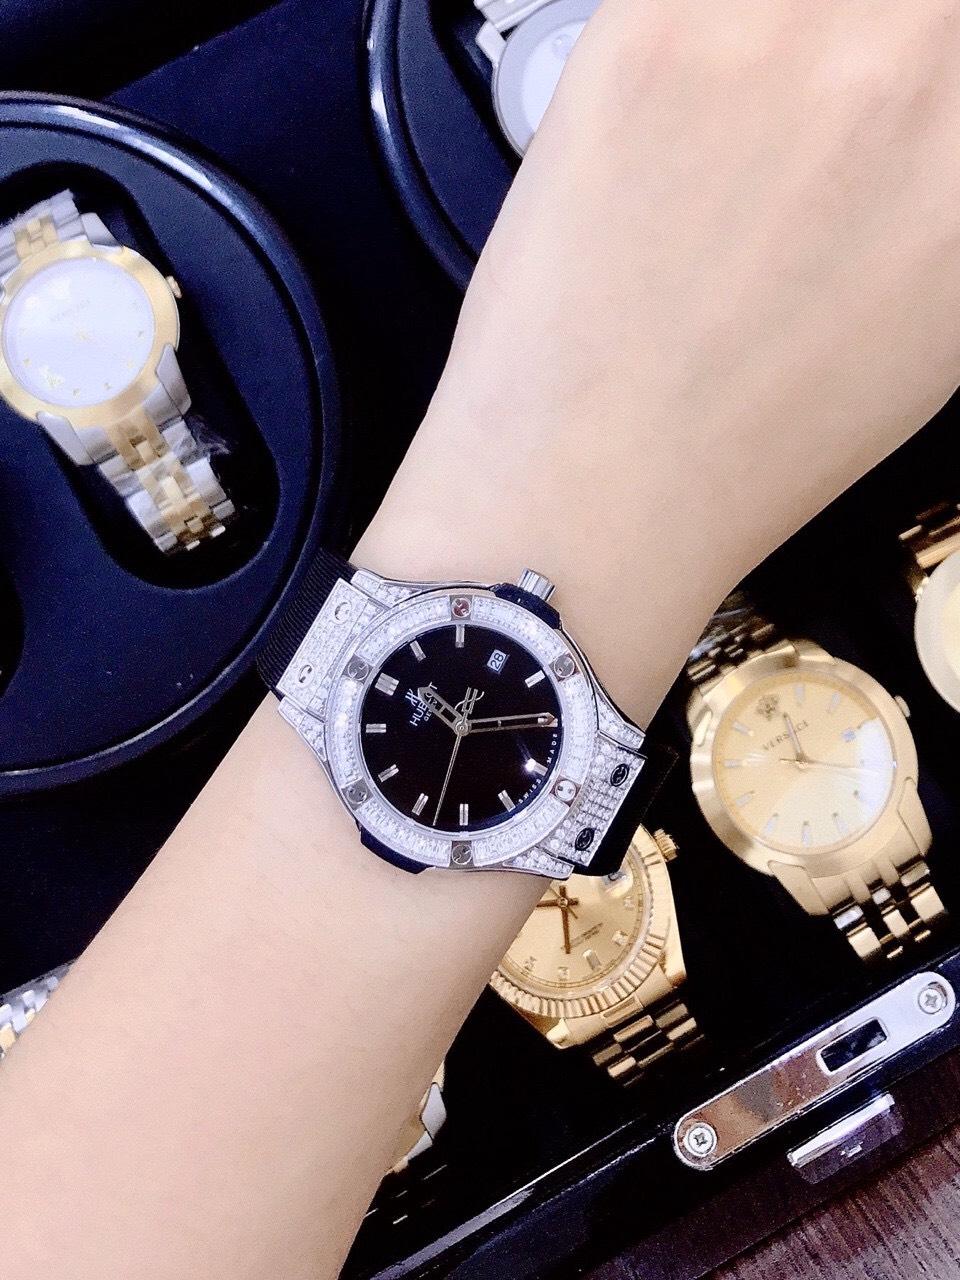 Đồng hồ Hublot nữ dây cao su Hublot Bigbang Dimond 3 màu dây – DWatch –  DWatch